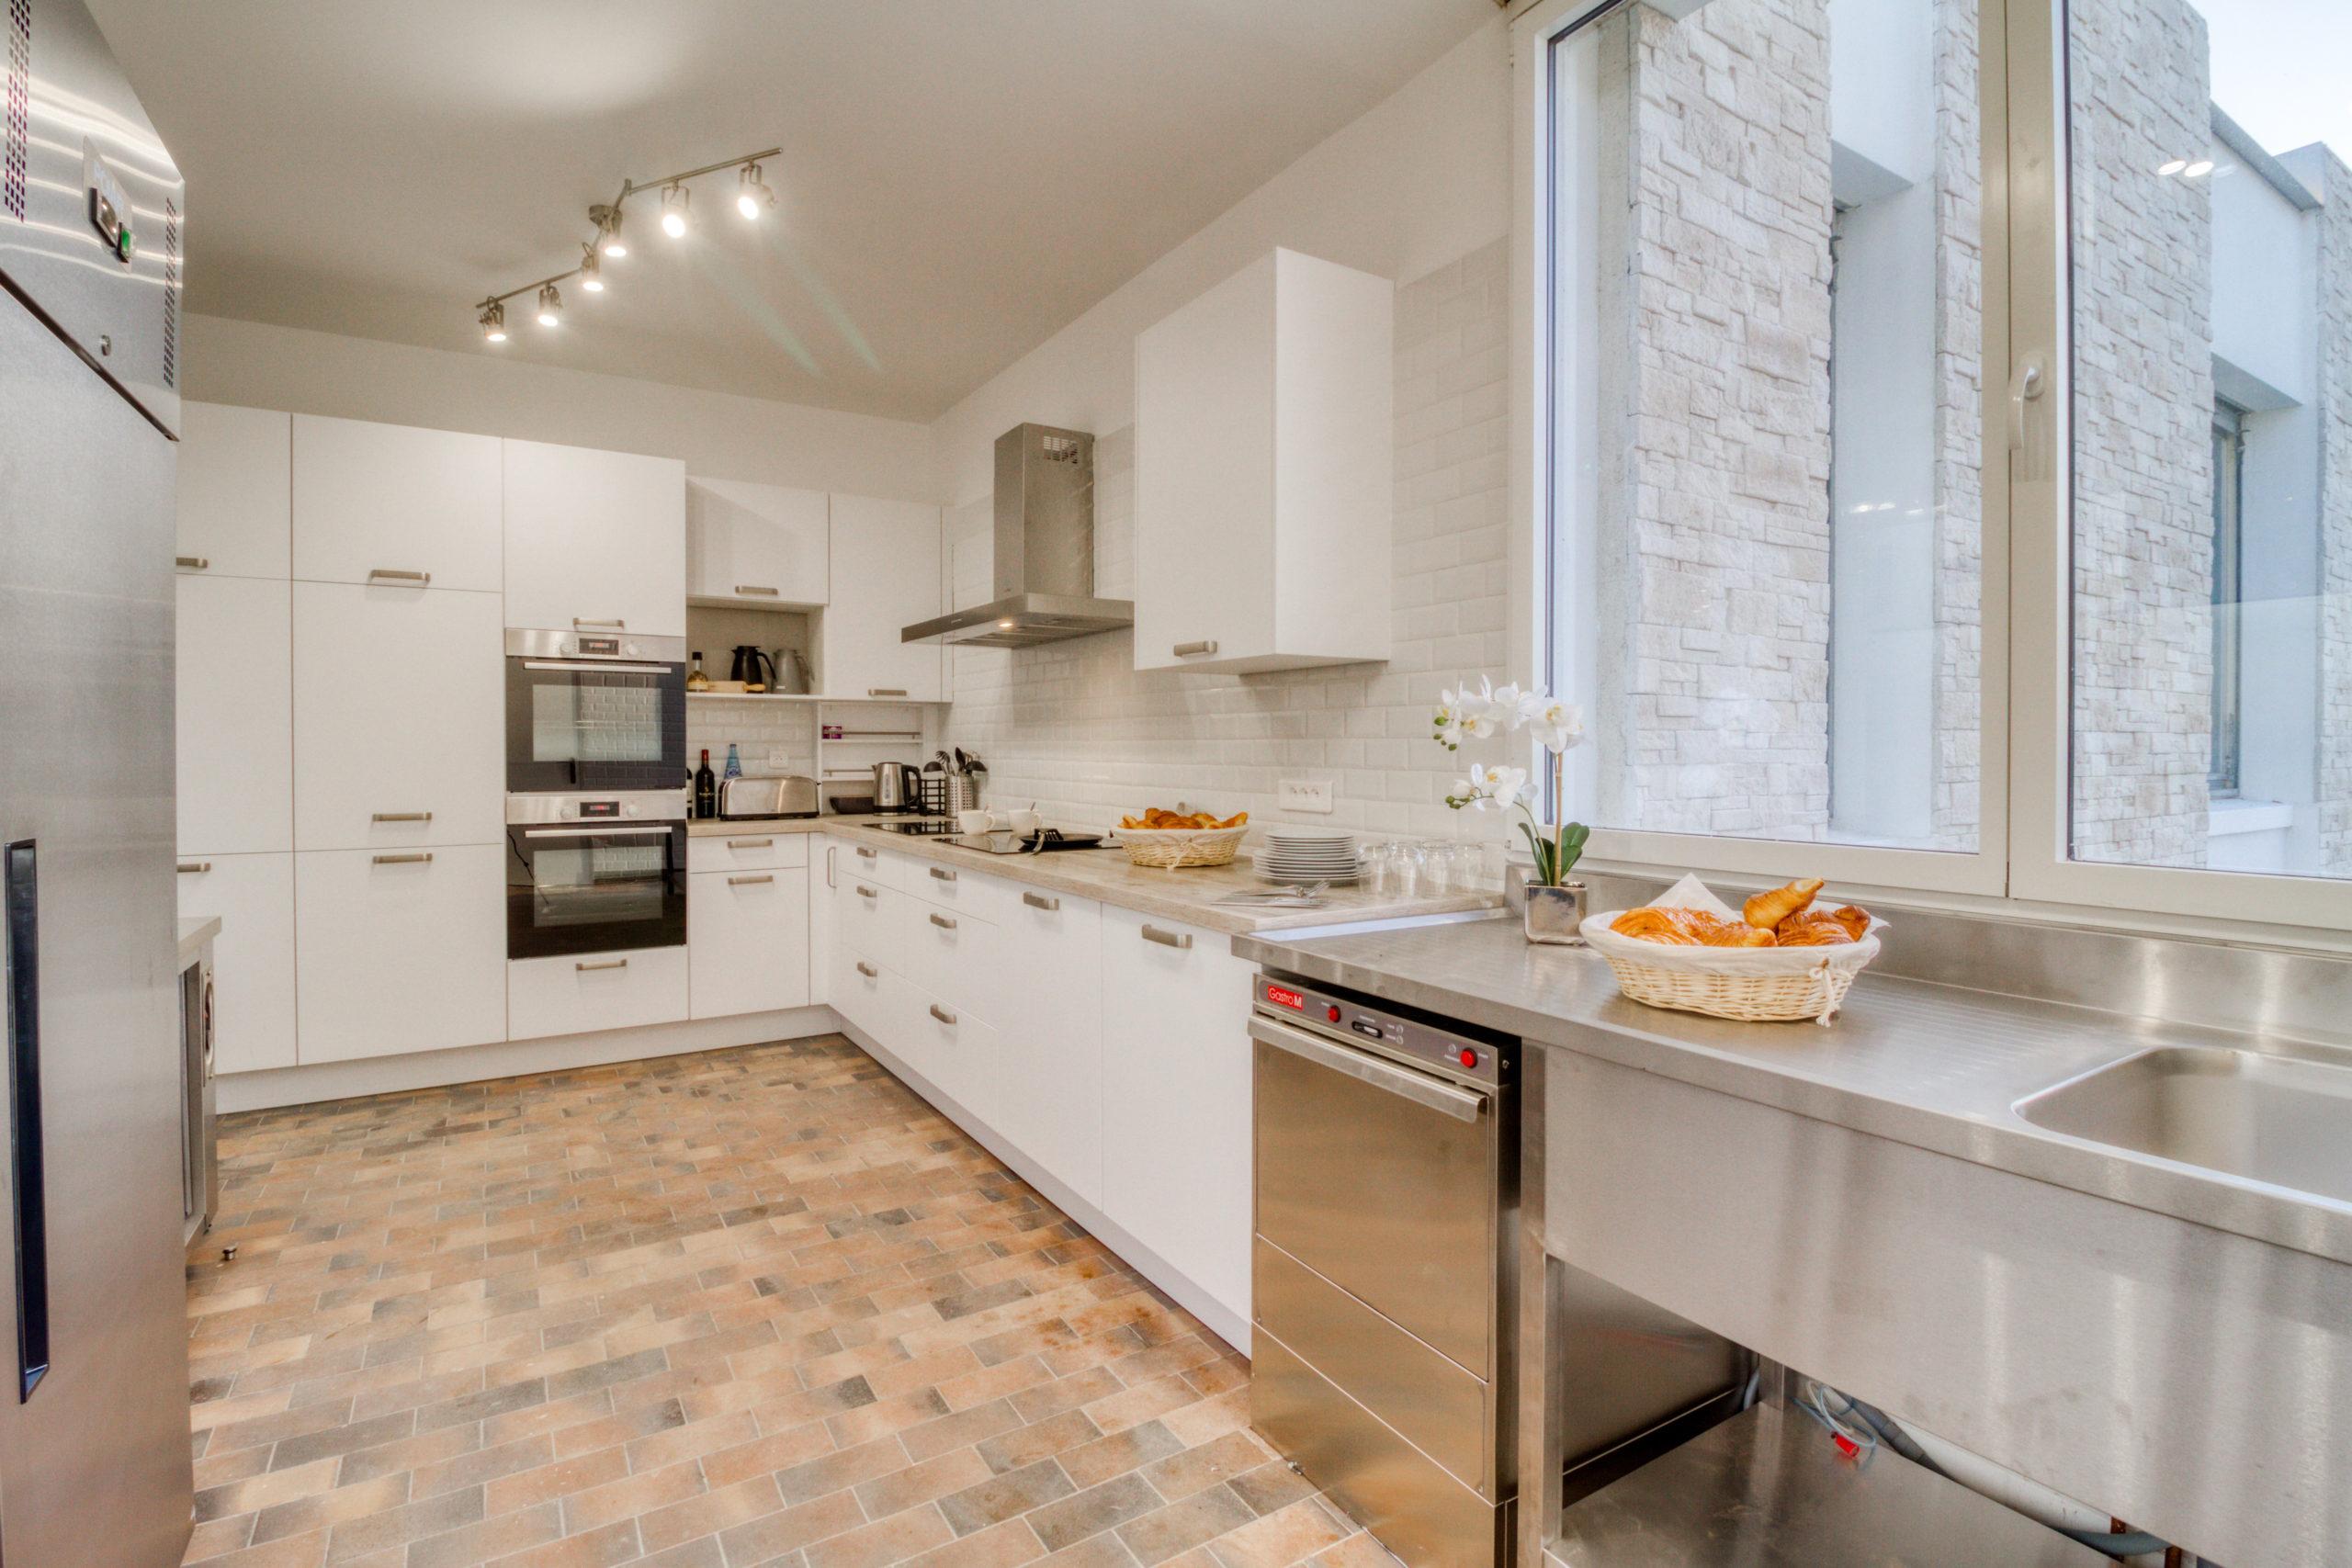 Cuisine villa etangsdelabassee ABC salles scaled